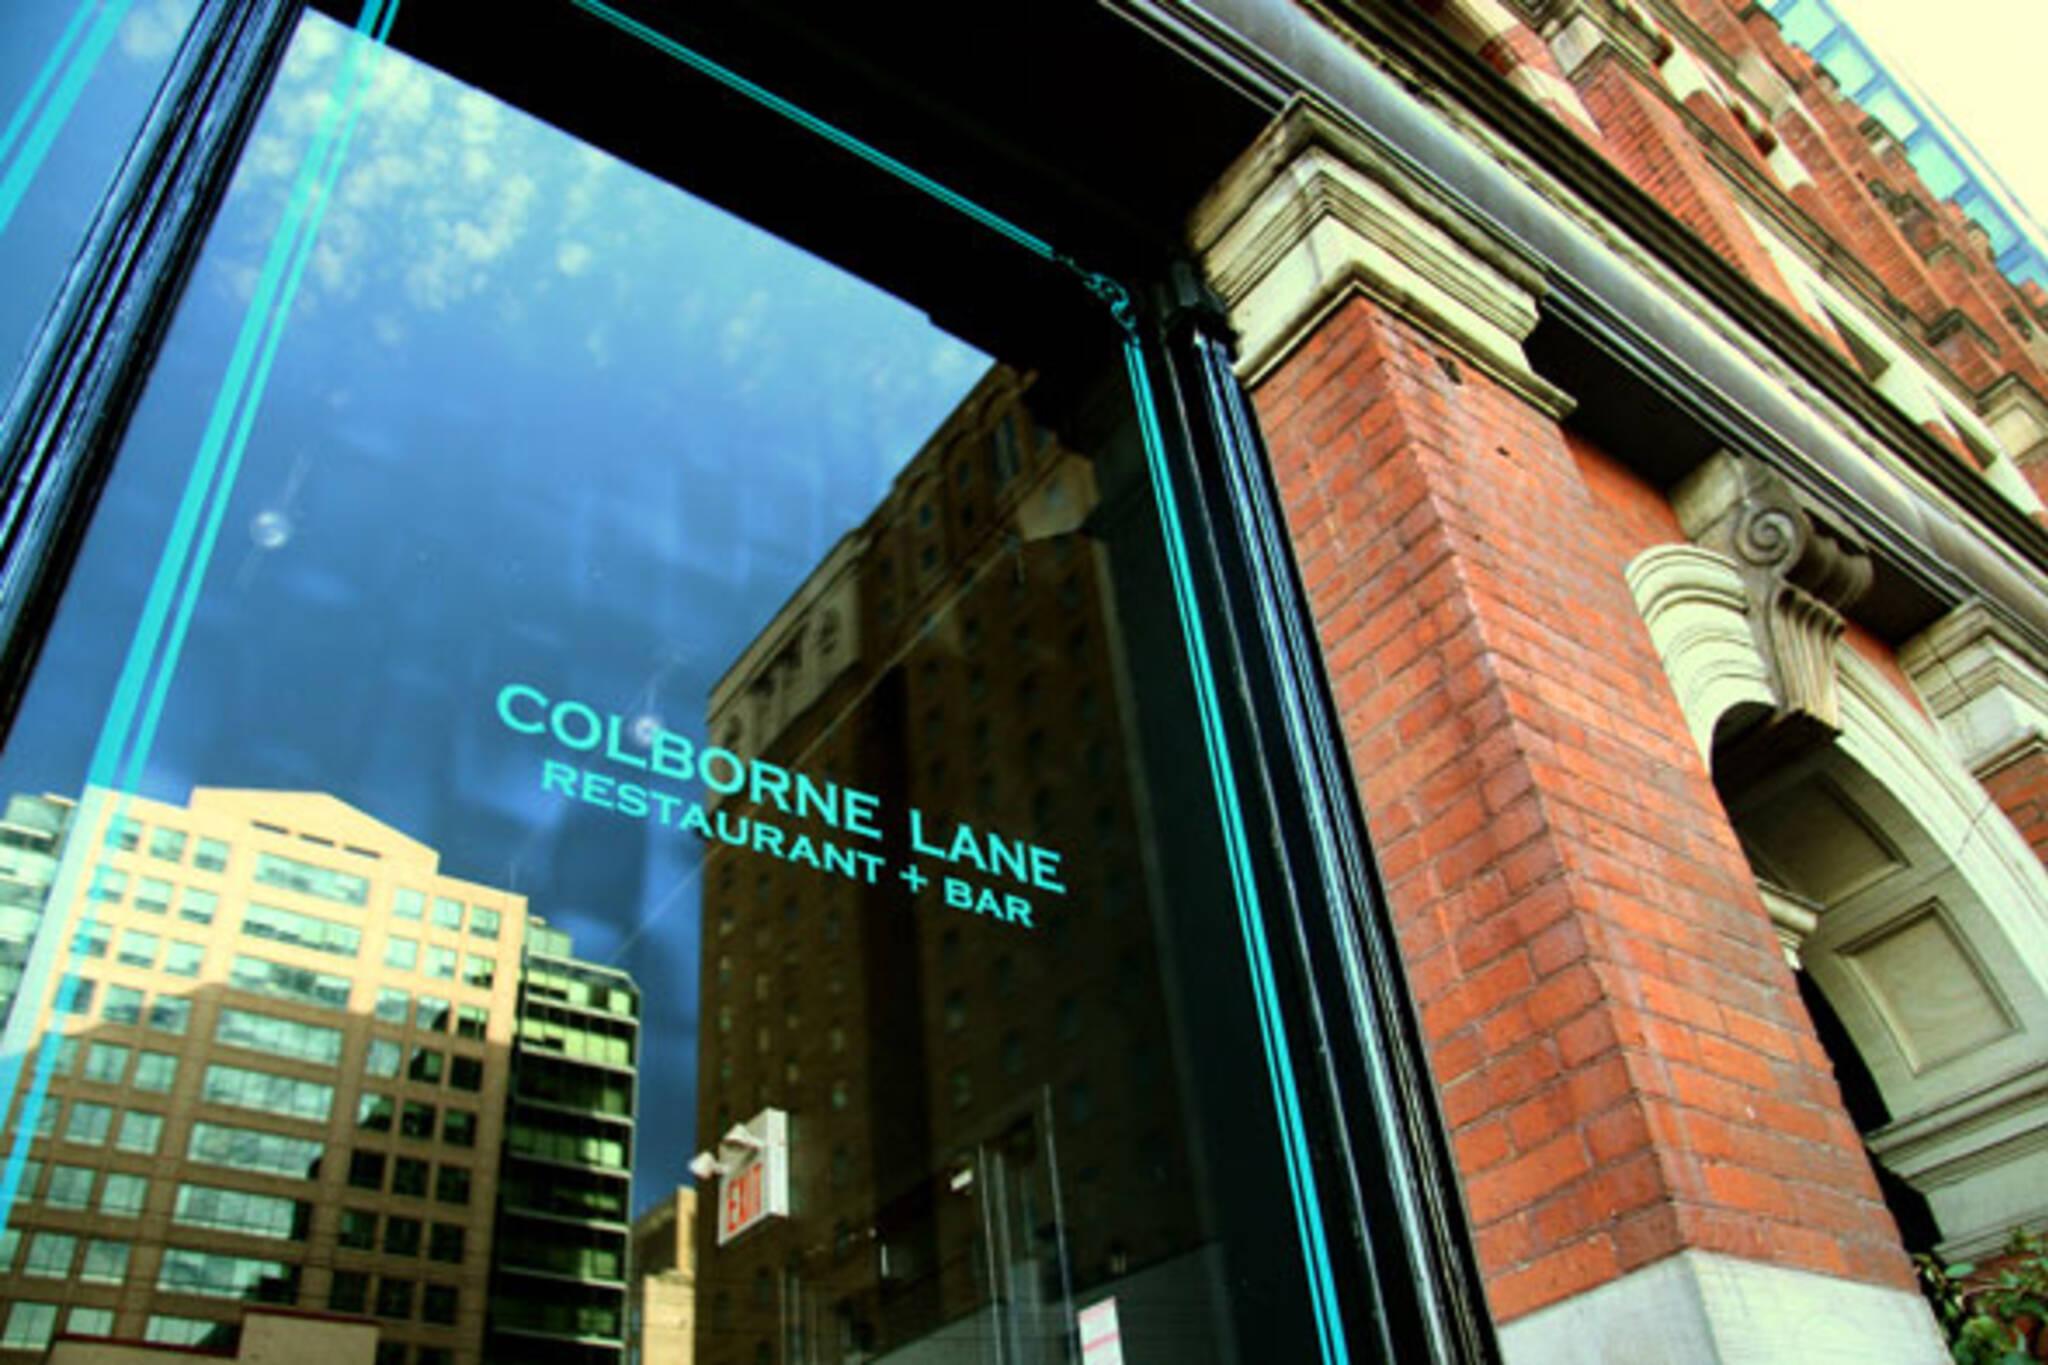 Colborne Lane